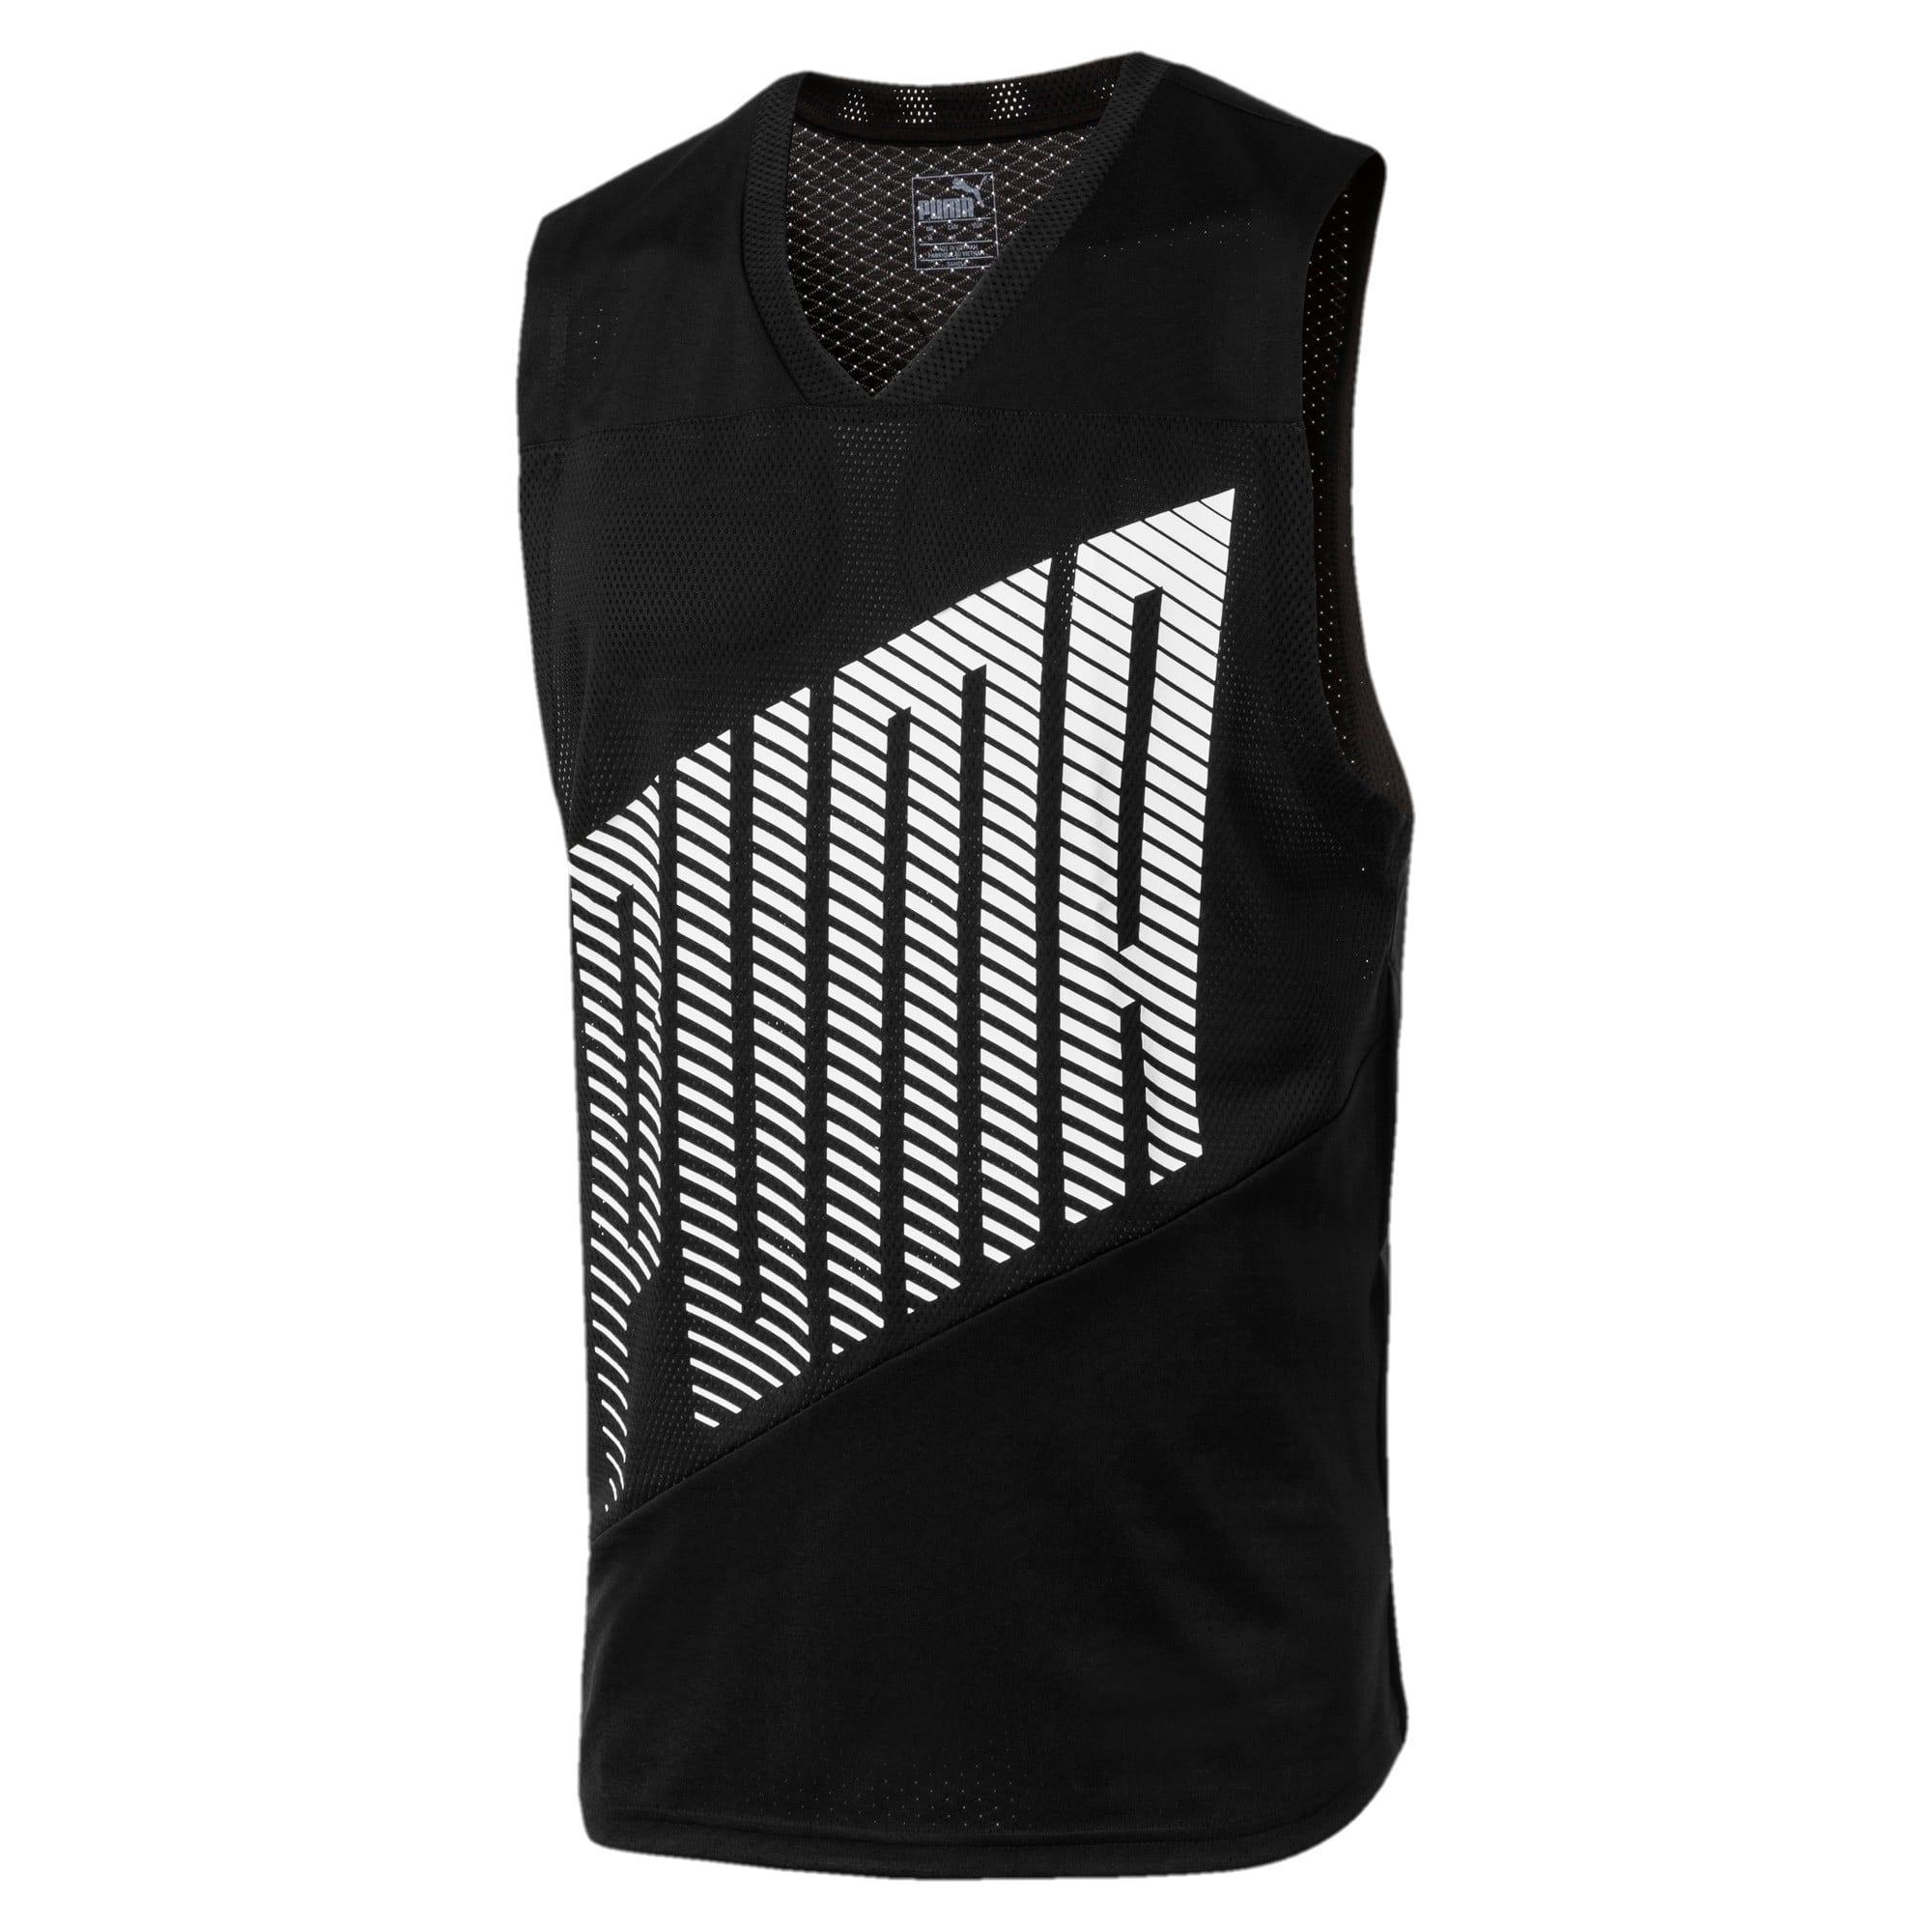 Miniatura 2 de Camiseta sin mangas A.C.E. para hombre, Puma Black, mediano